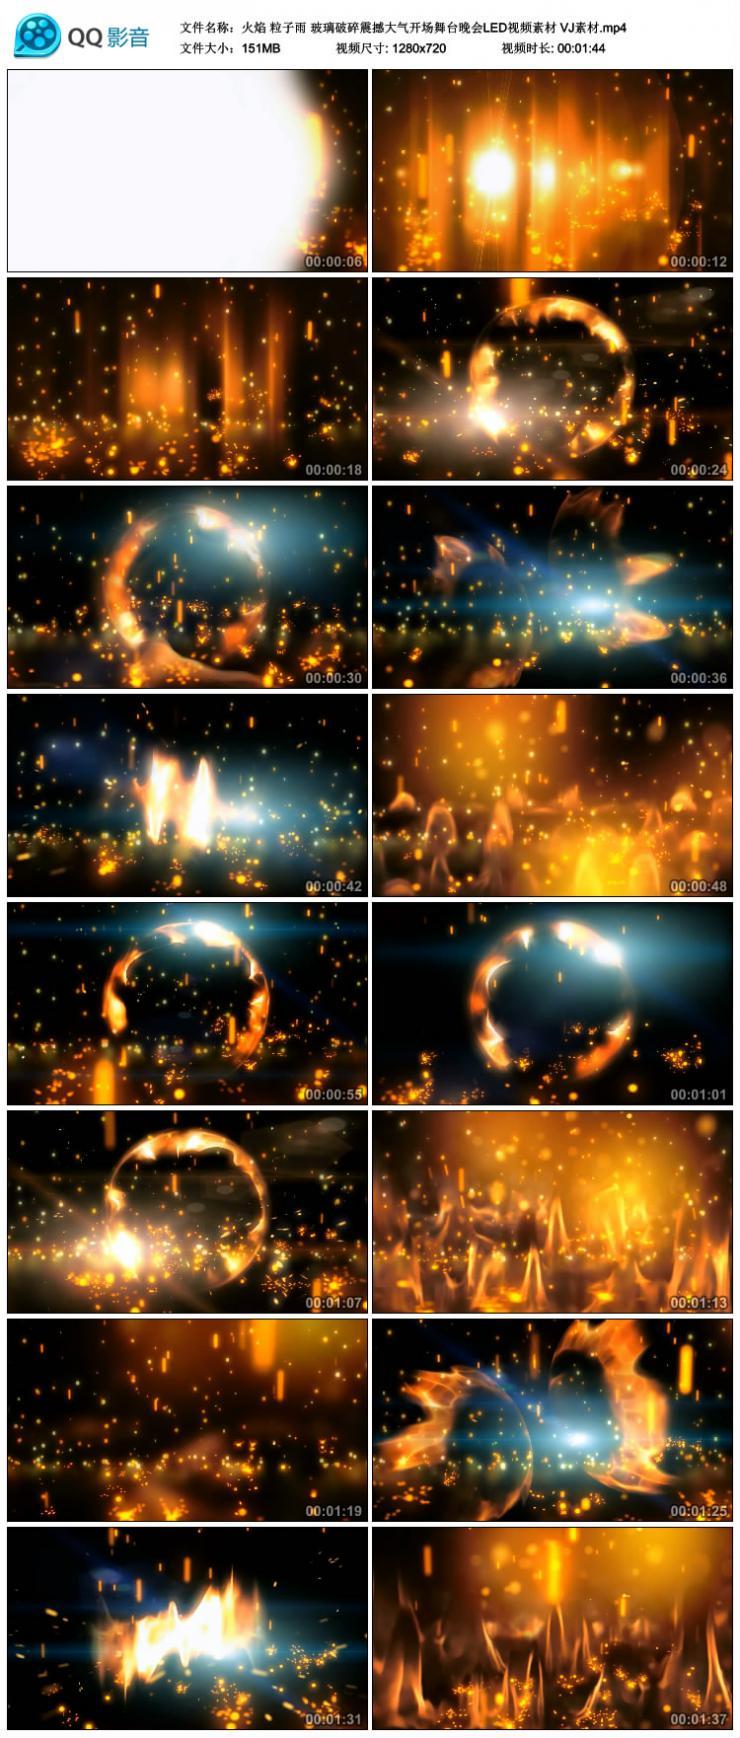 火焰 粒子雨玻璃破碎震撼大气开场舞台晚会LED视频素材VJ素